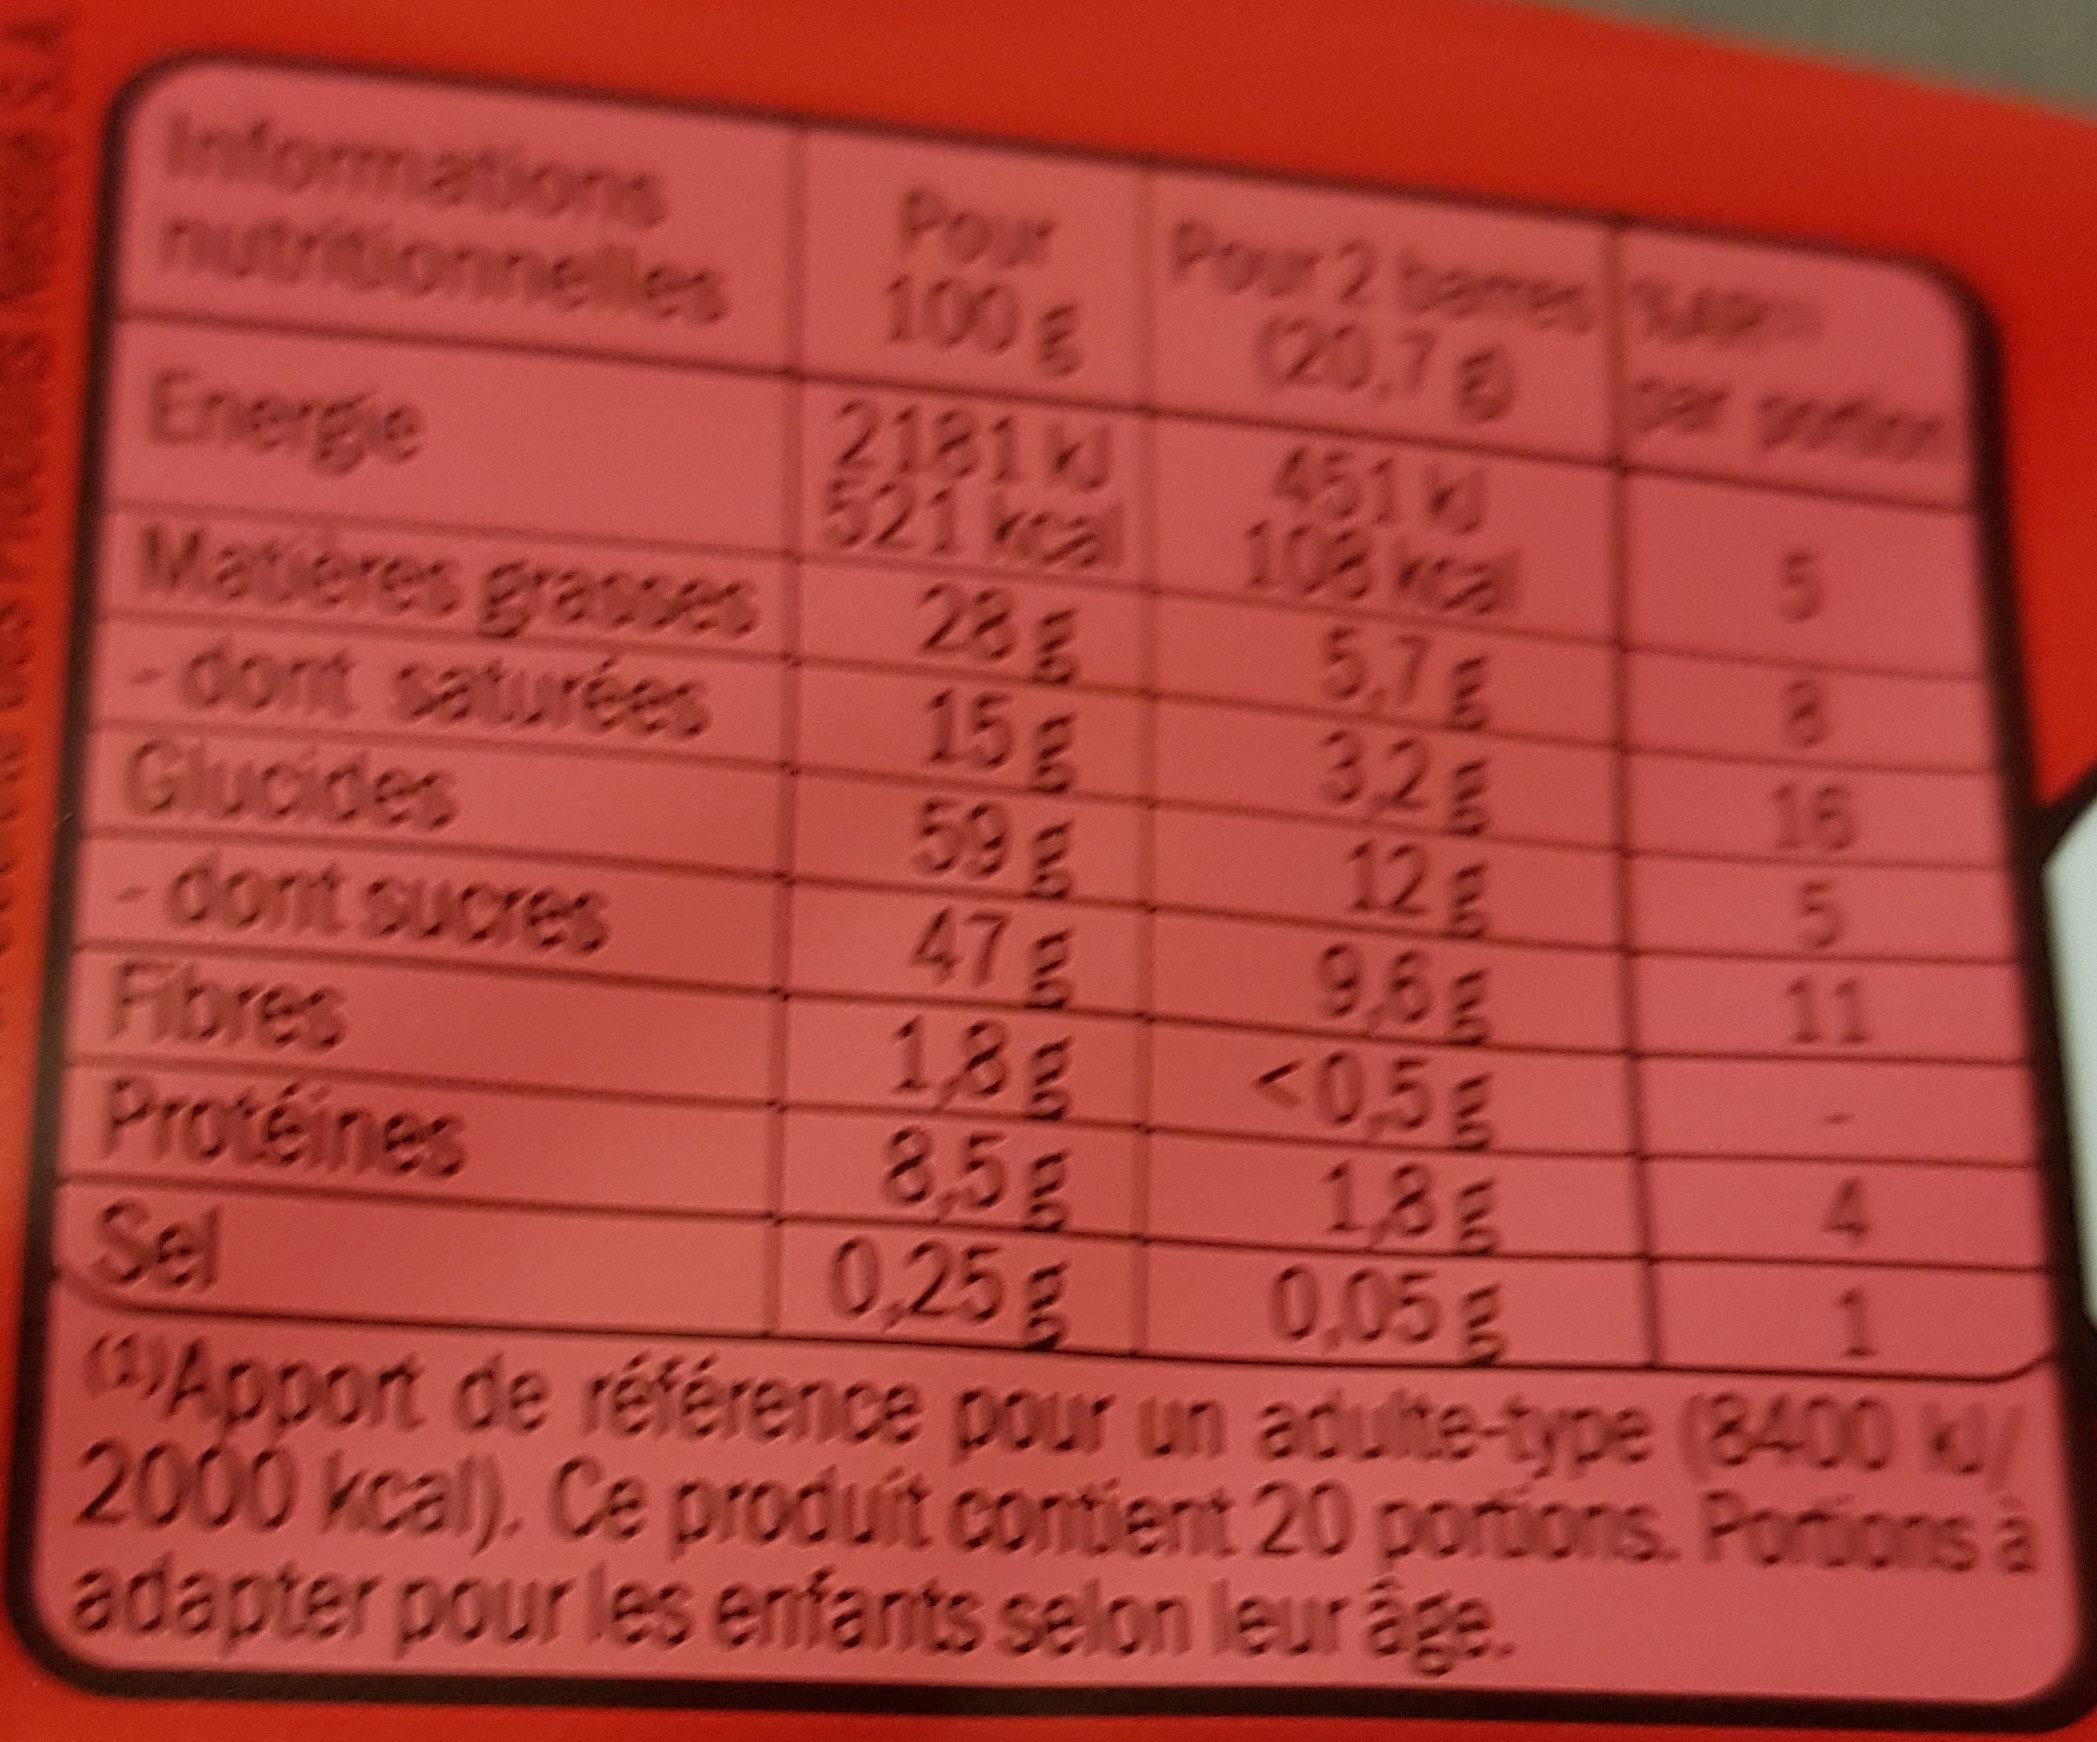 kitkat - Informations nutritionnelles - fr